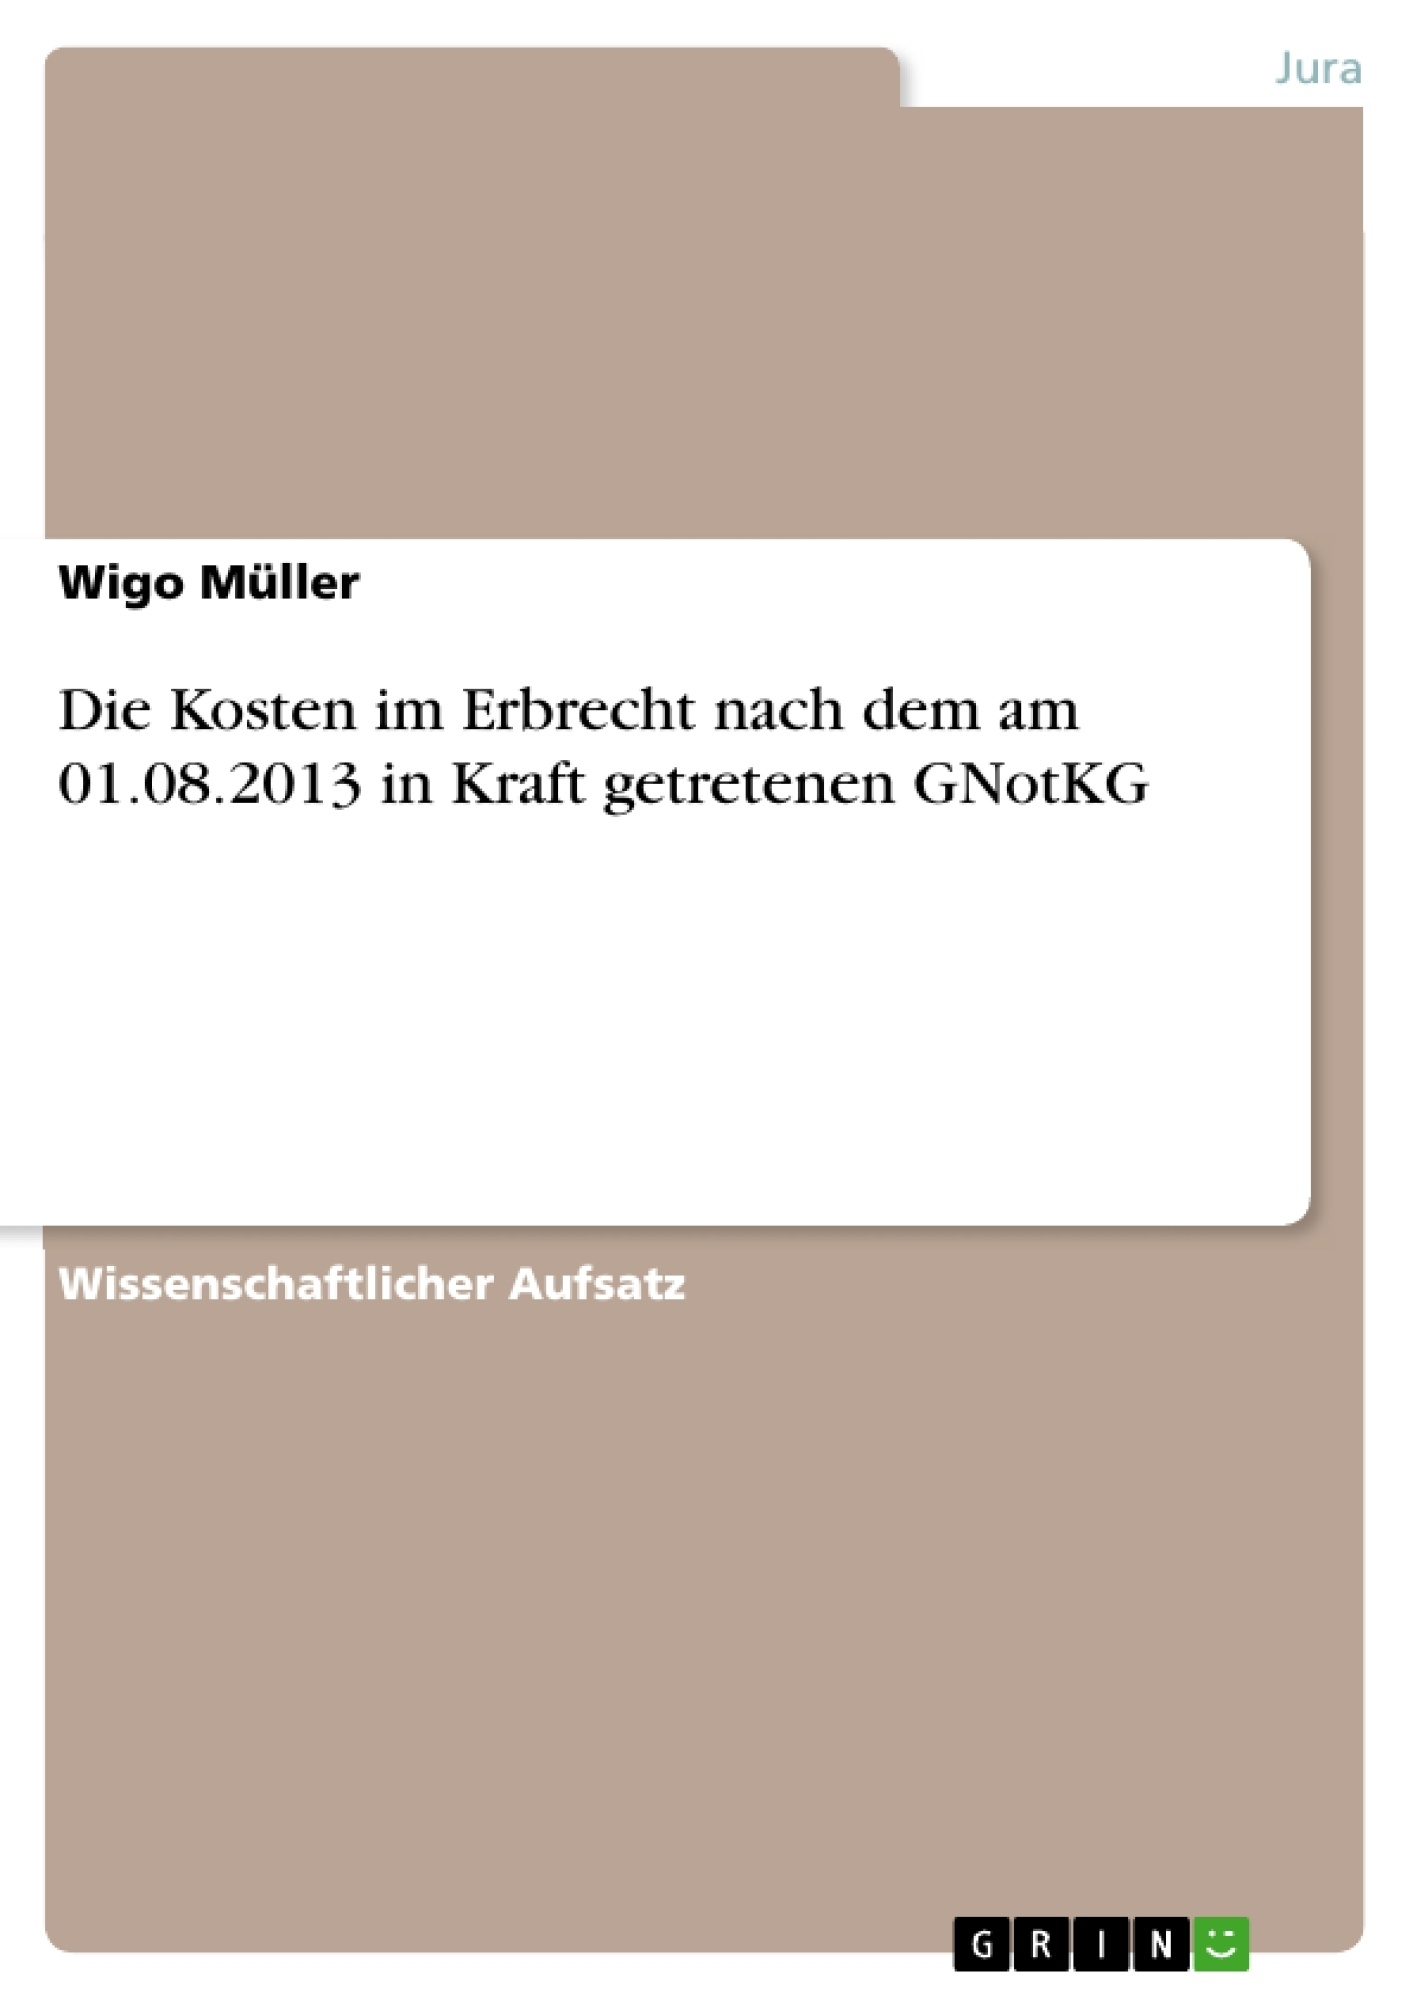 Titel: Die Kosten im Erbrecht nach dem am 01.08.2013 in Kraft getretenen GNotKG